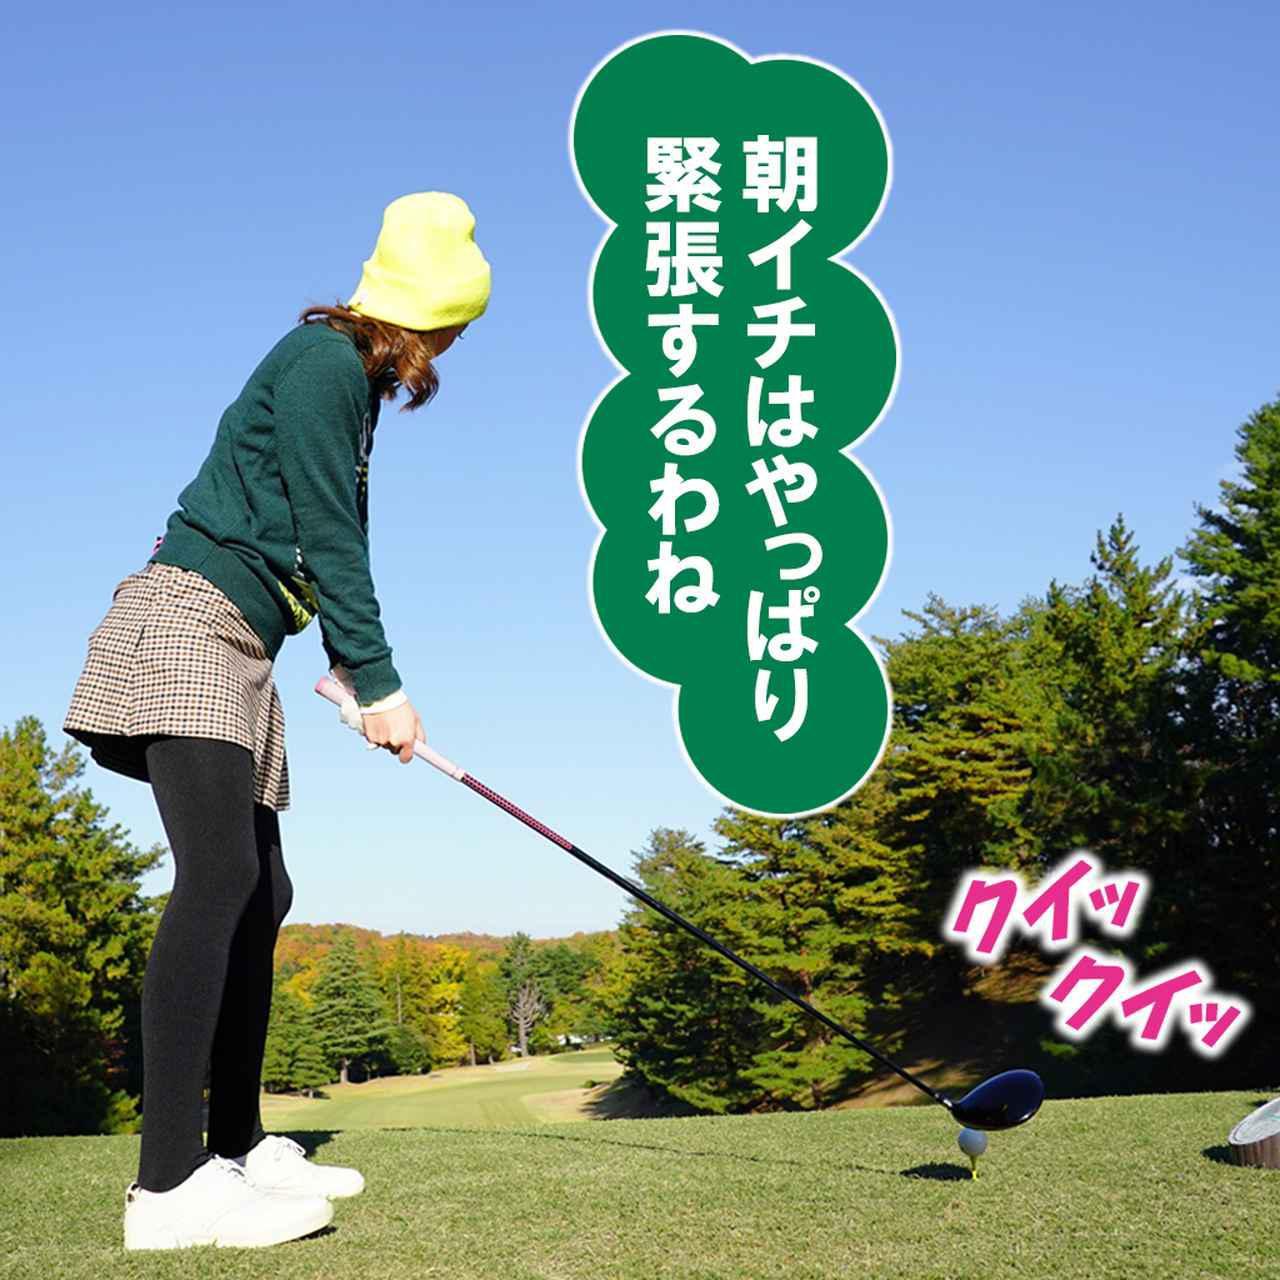 画像2: 【新ルール】ワッグルでティからボールがポロリ。これって罰あり? なし?